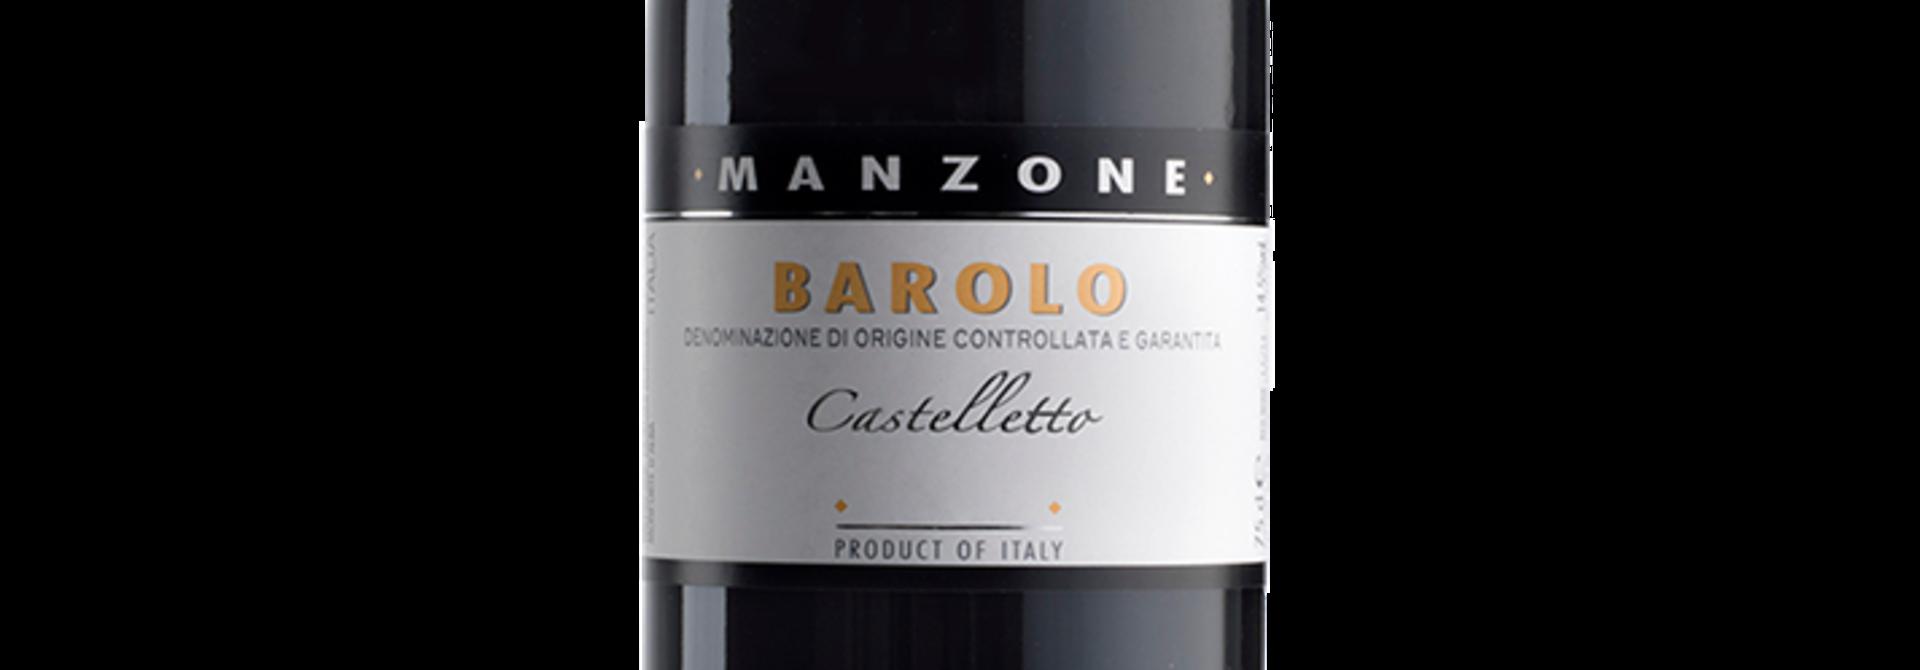 Barolo Castelletto 2015, Giavanni Manzone